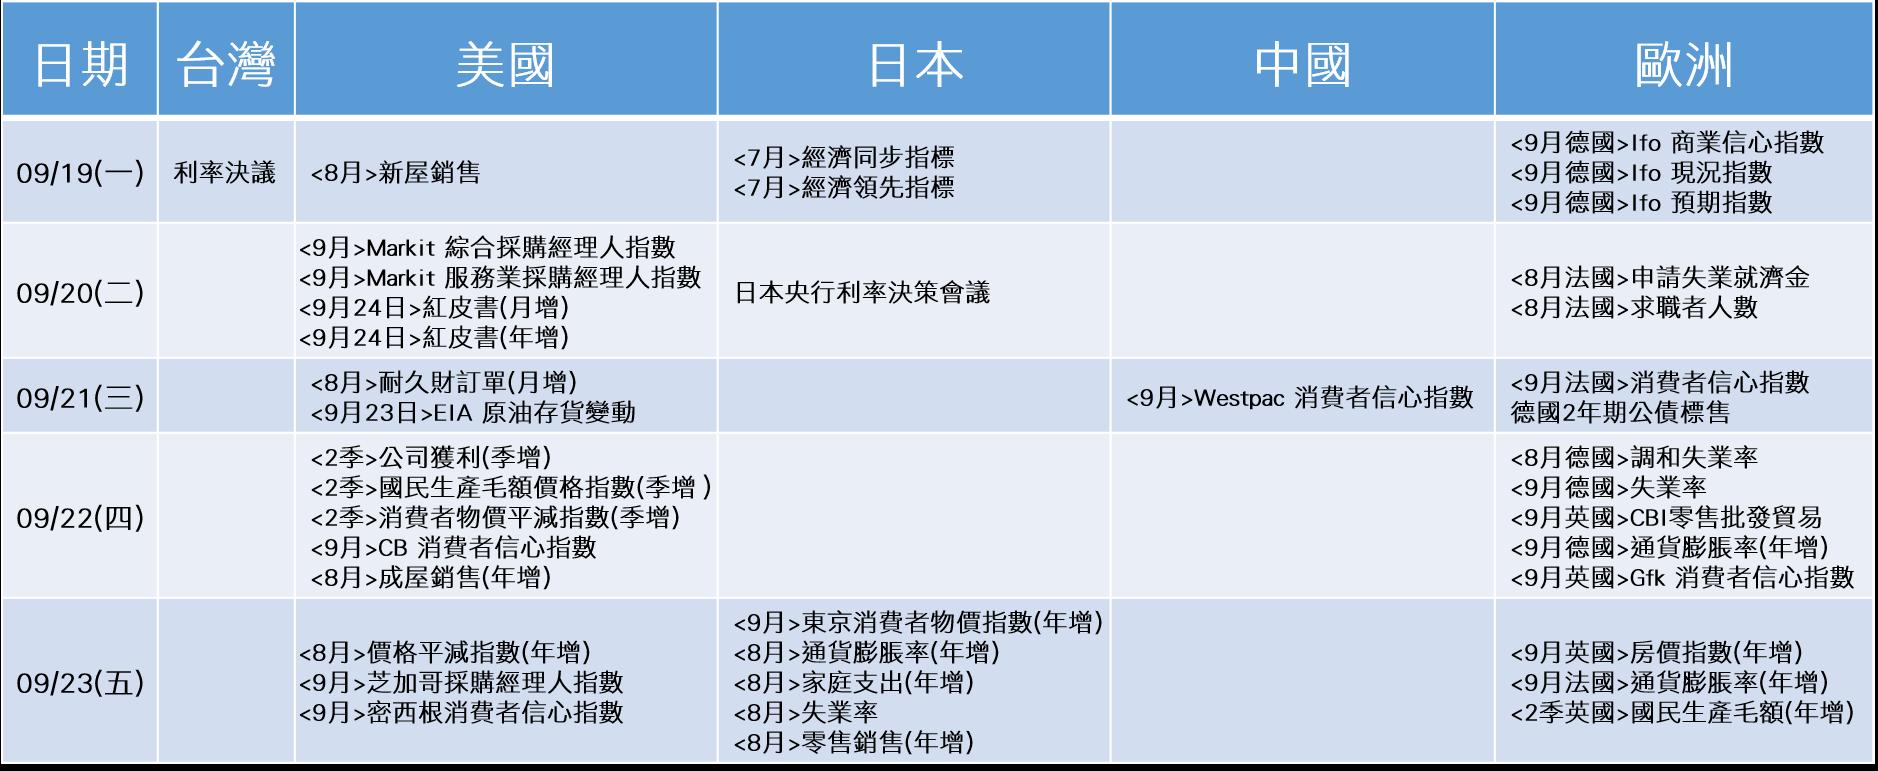 20160926~20160930_經濟事件